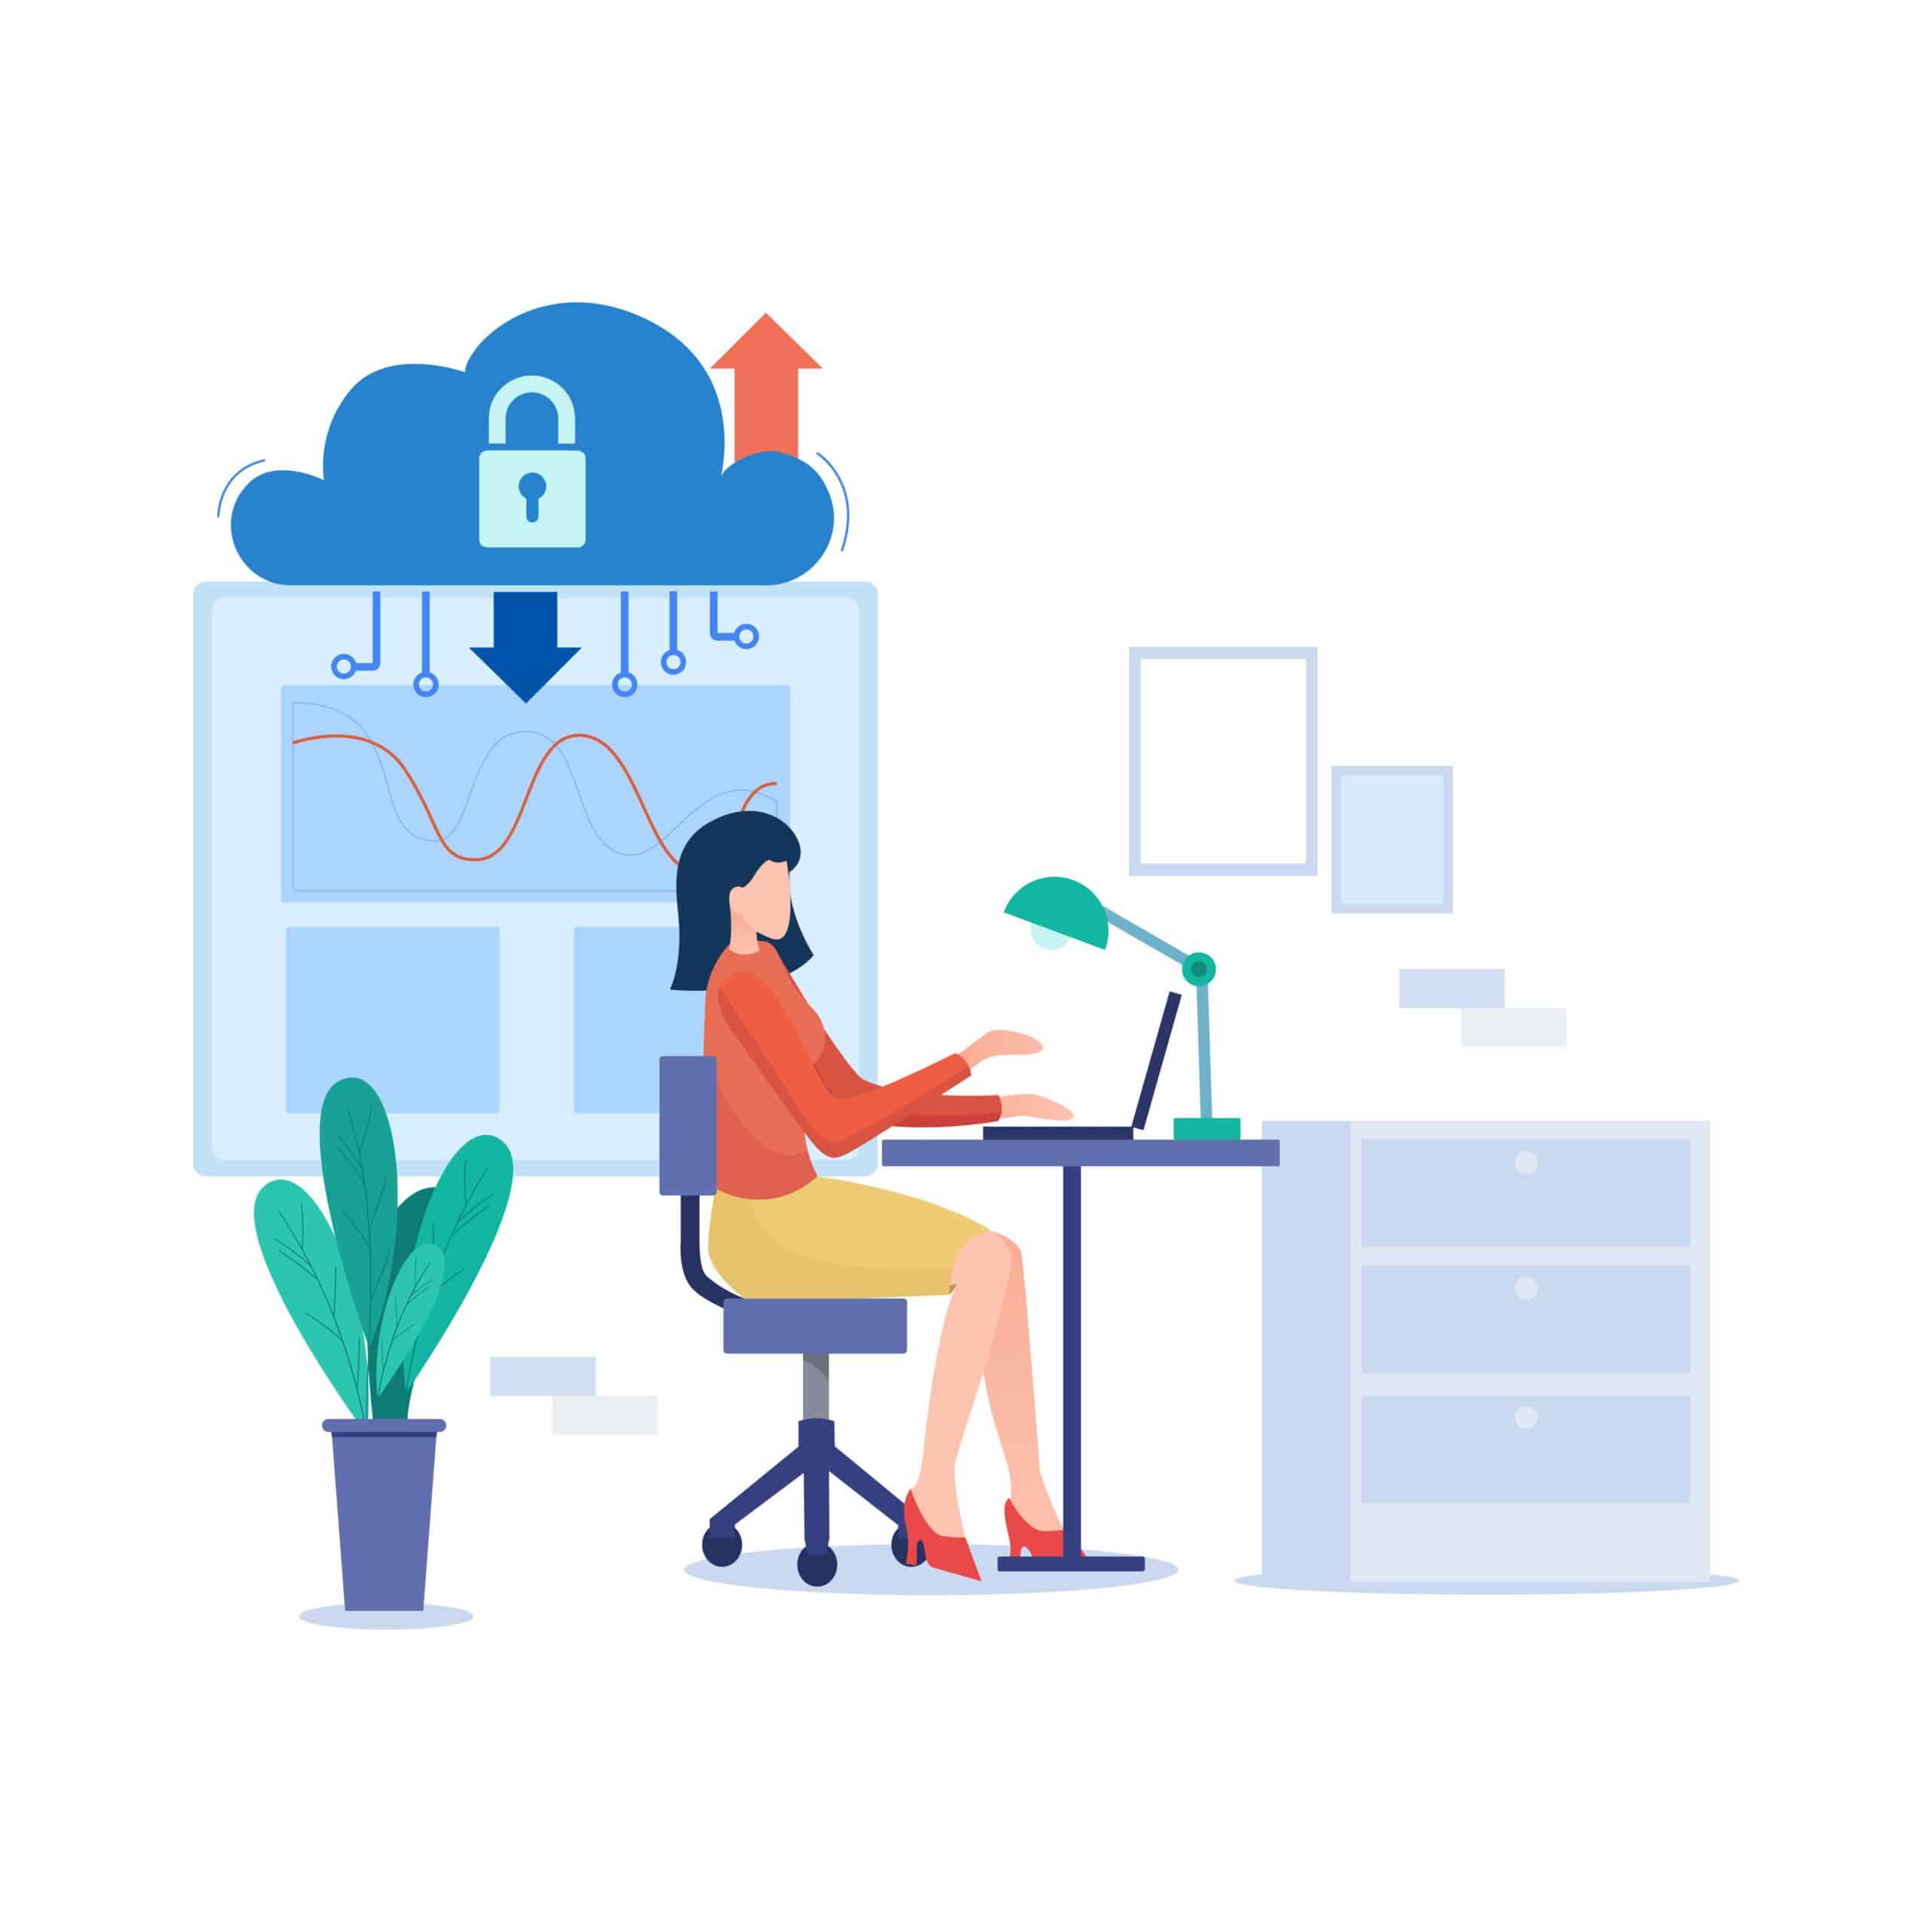 Интеграция с доставчици - Какво включват услугите за изработка на онлайн магазин във Велико Търново и страната - Project Yordanov